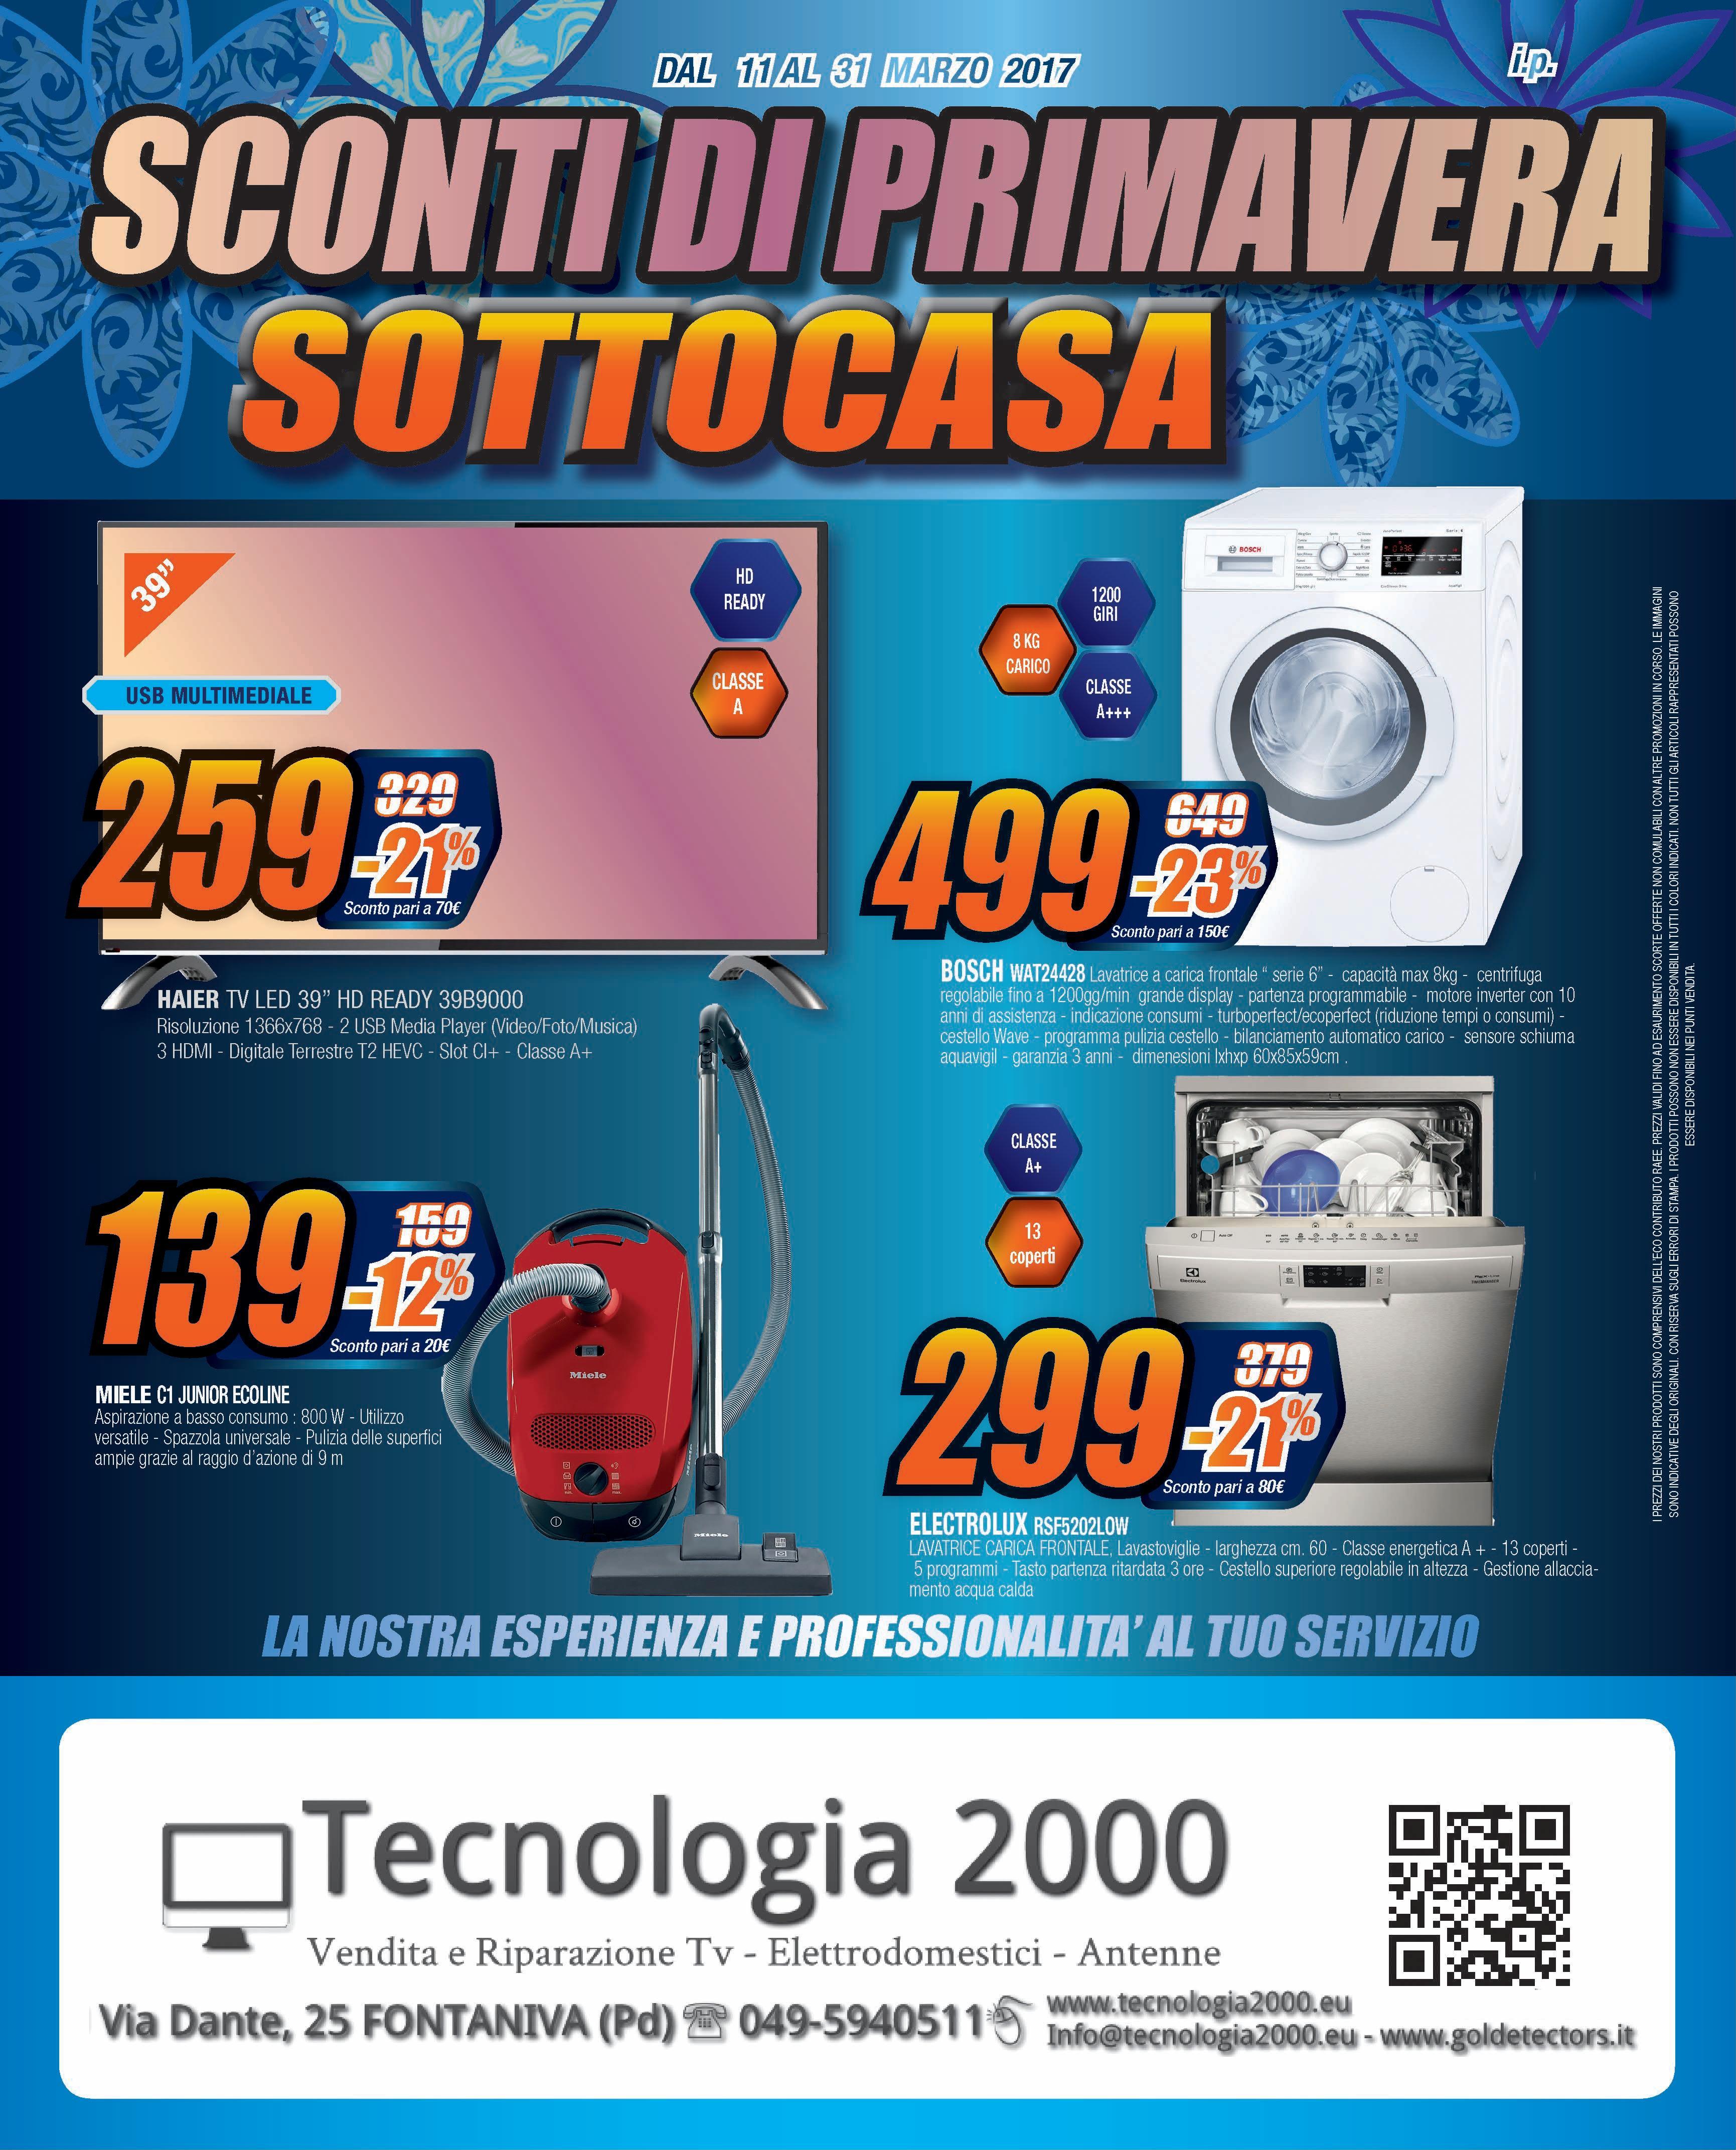 TECNOLOGIA 2000 volantino Marzo 2017-page-001